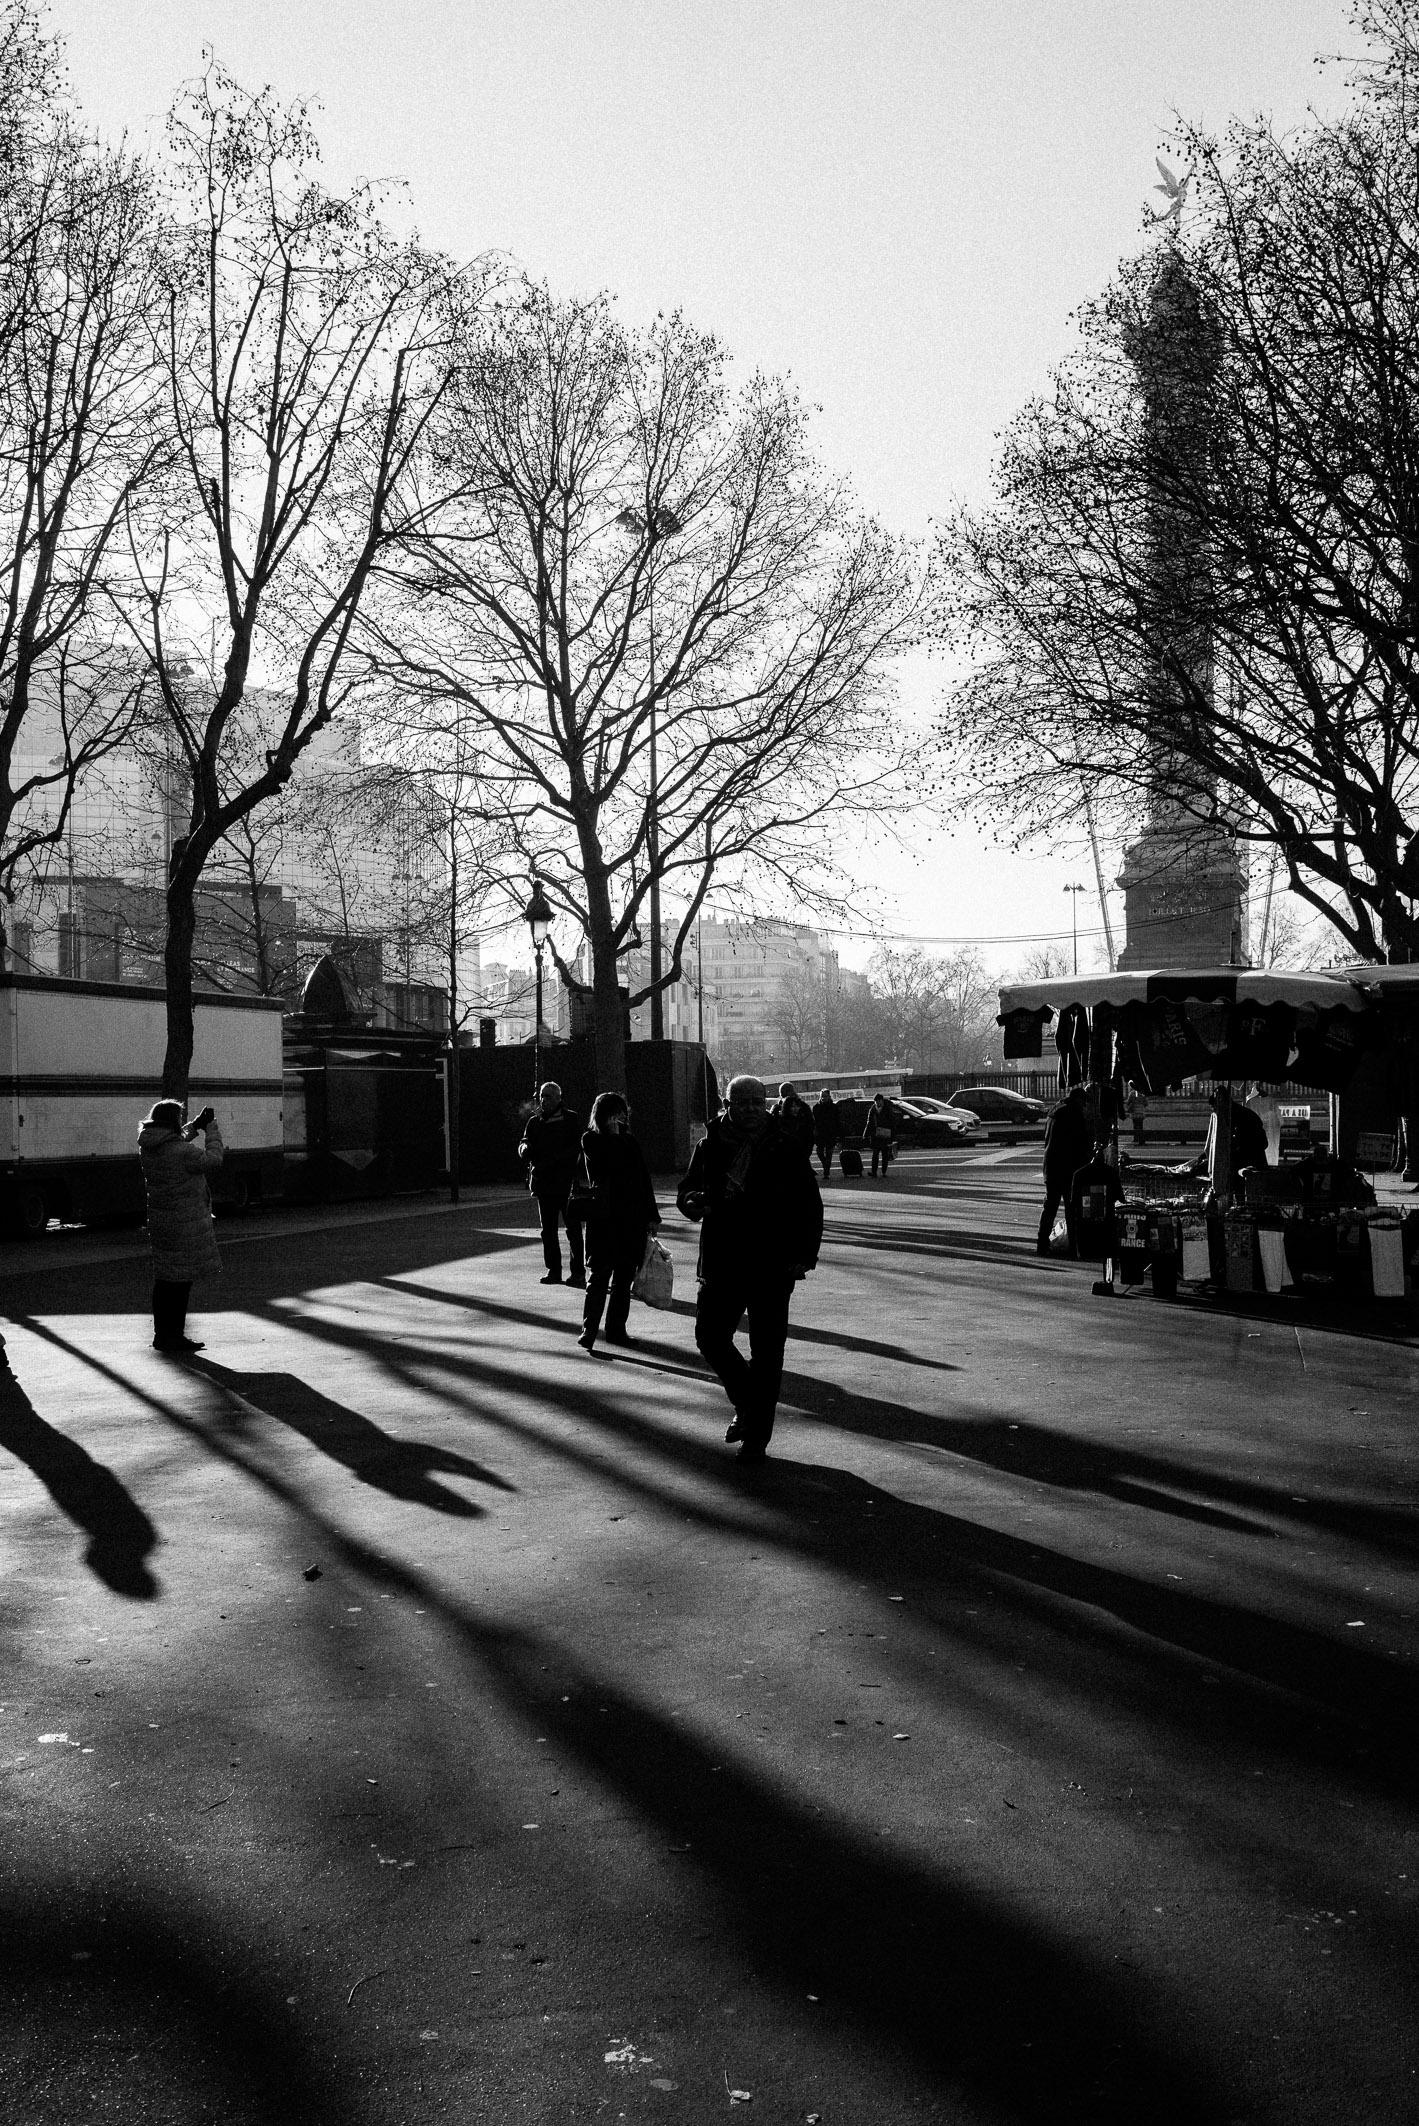 erwt paris-71.jpg